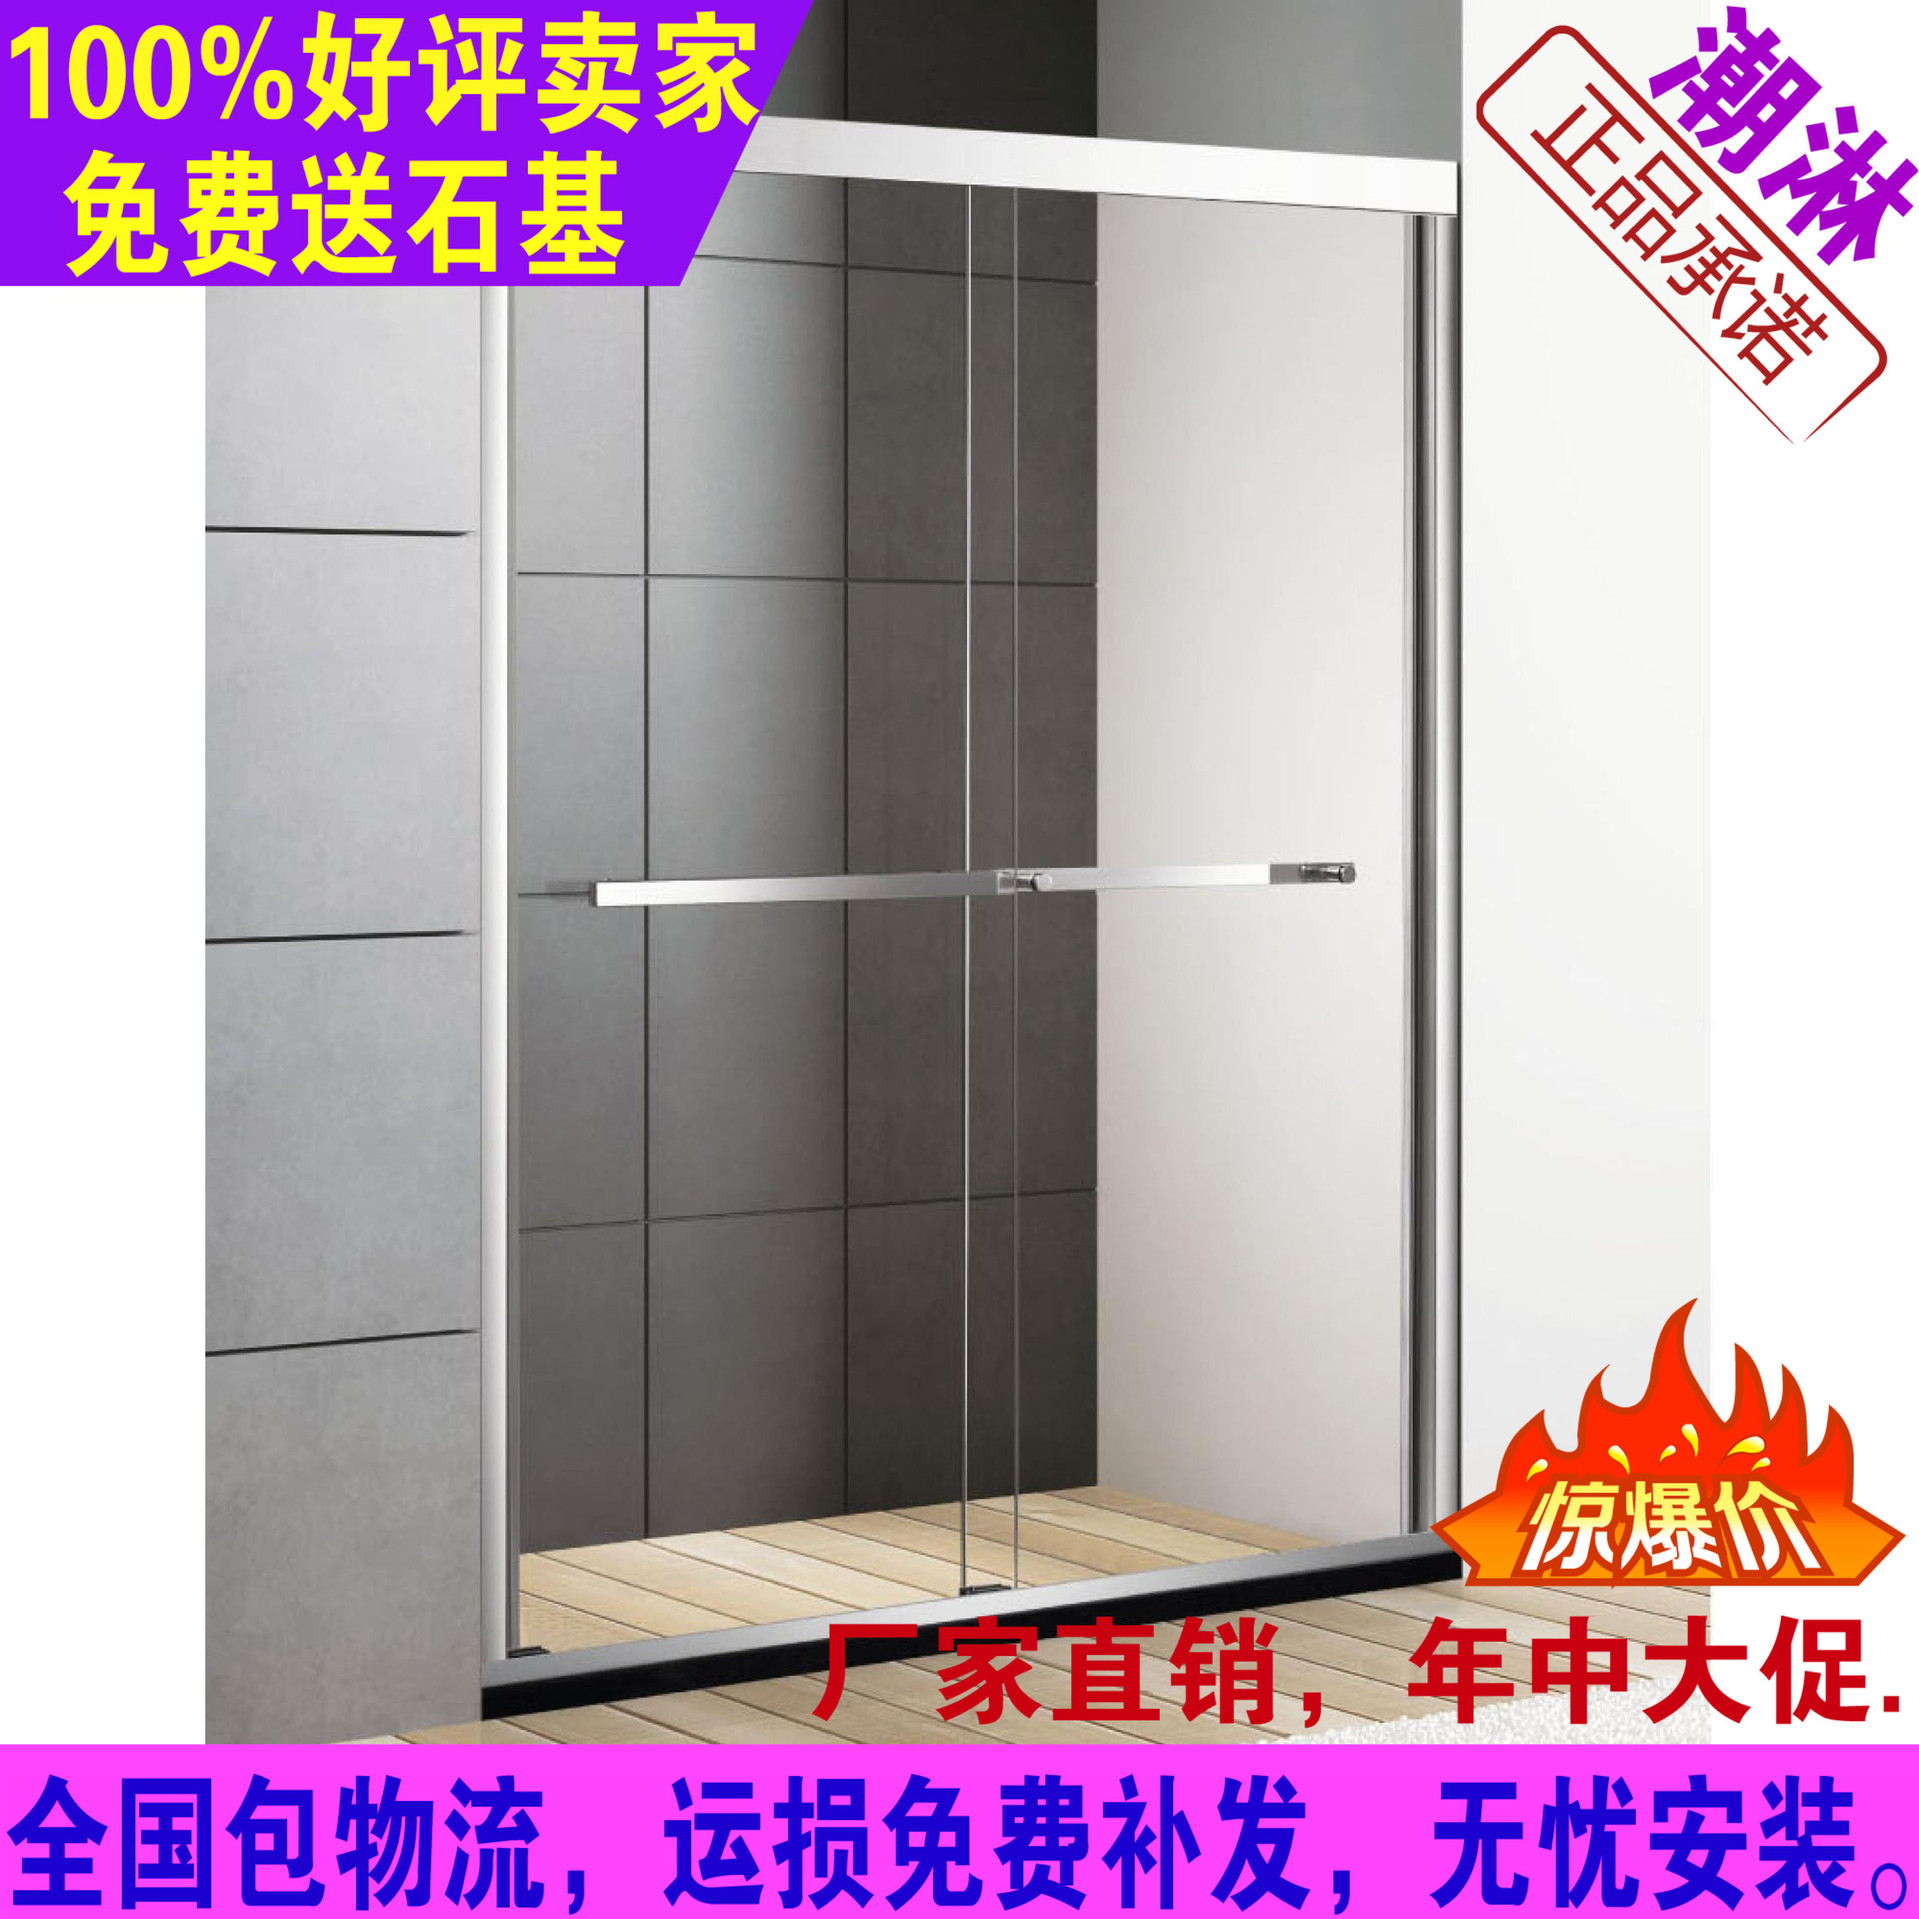 潮淋淋浴房一字形双活动移门屏风隔断简易定制钢化玻璃门厂家直销